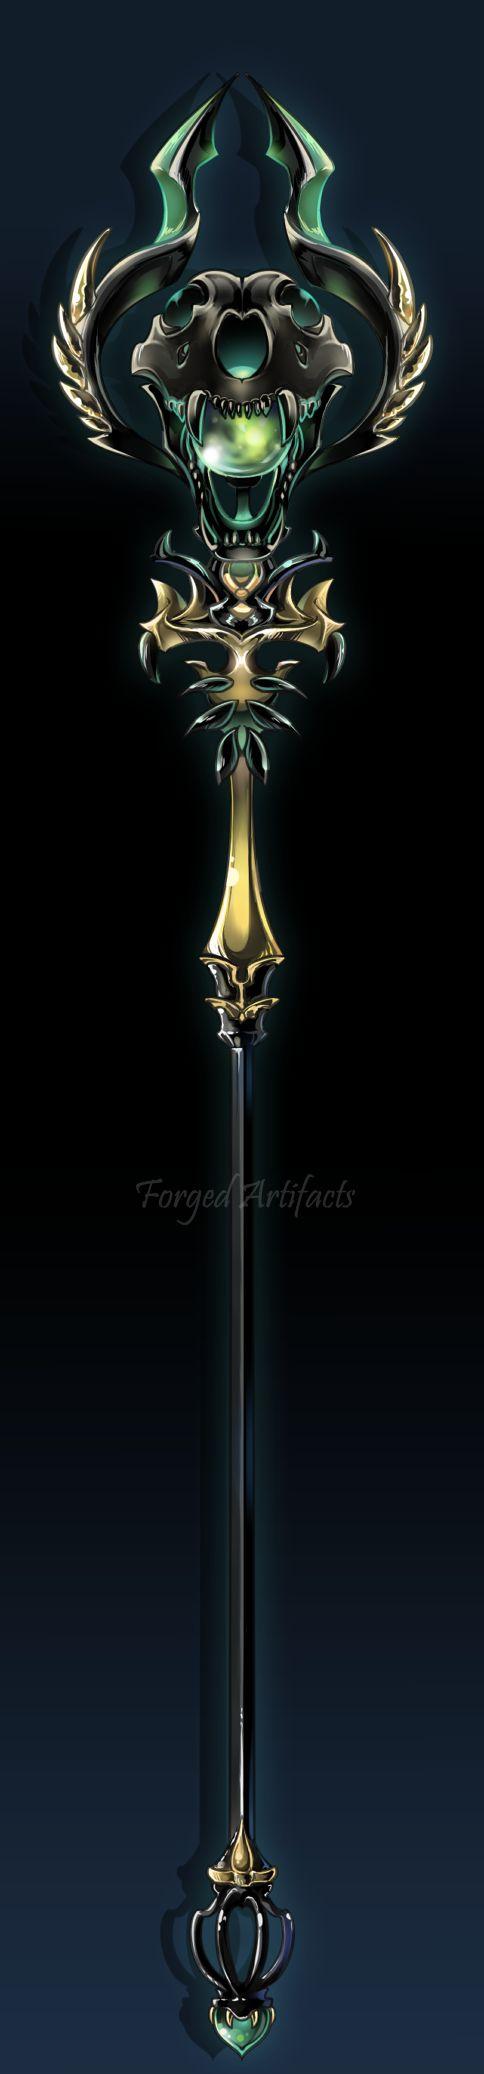 Custom: Werewolf Magic staff by Forged-Artifacts.deviantart.com on @DeviantArt